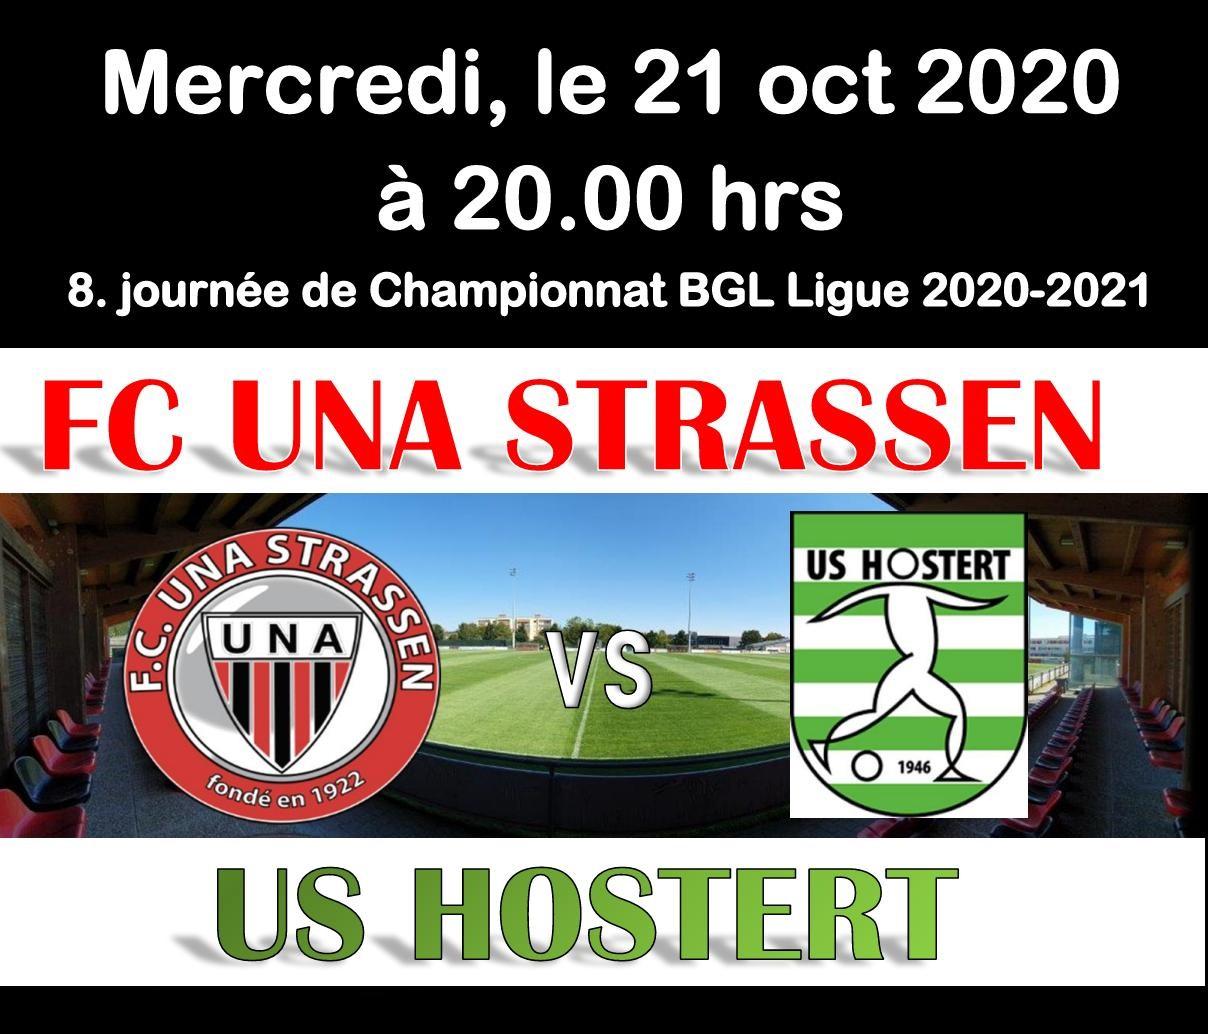 Match de championnat UNA - US HOSTERT le mercredi 21.10. à 20.00 hrs